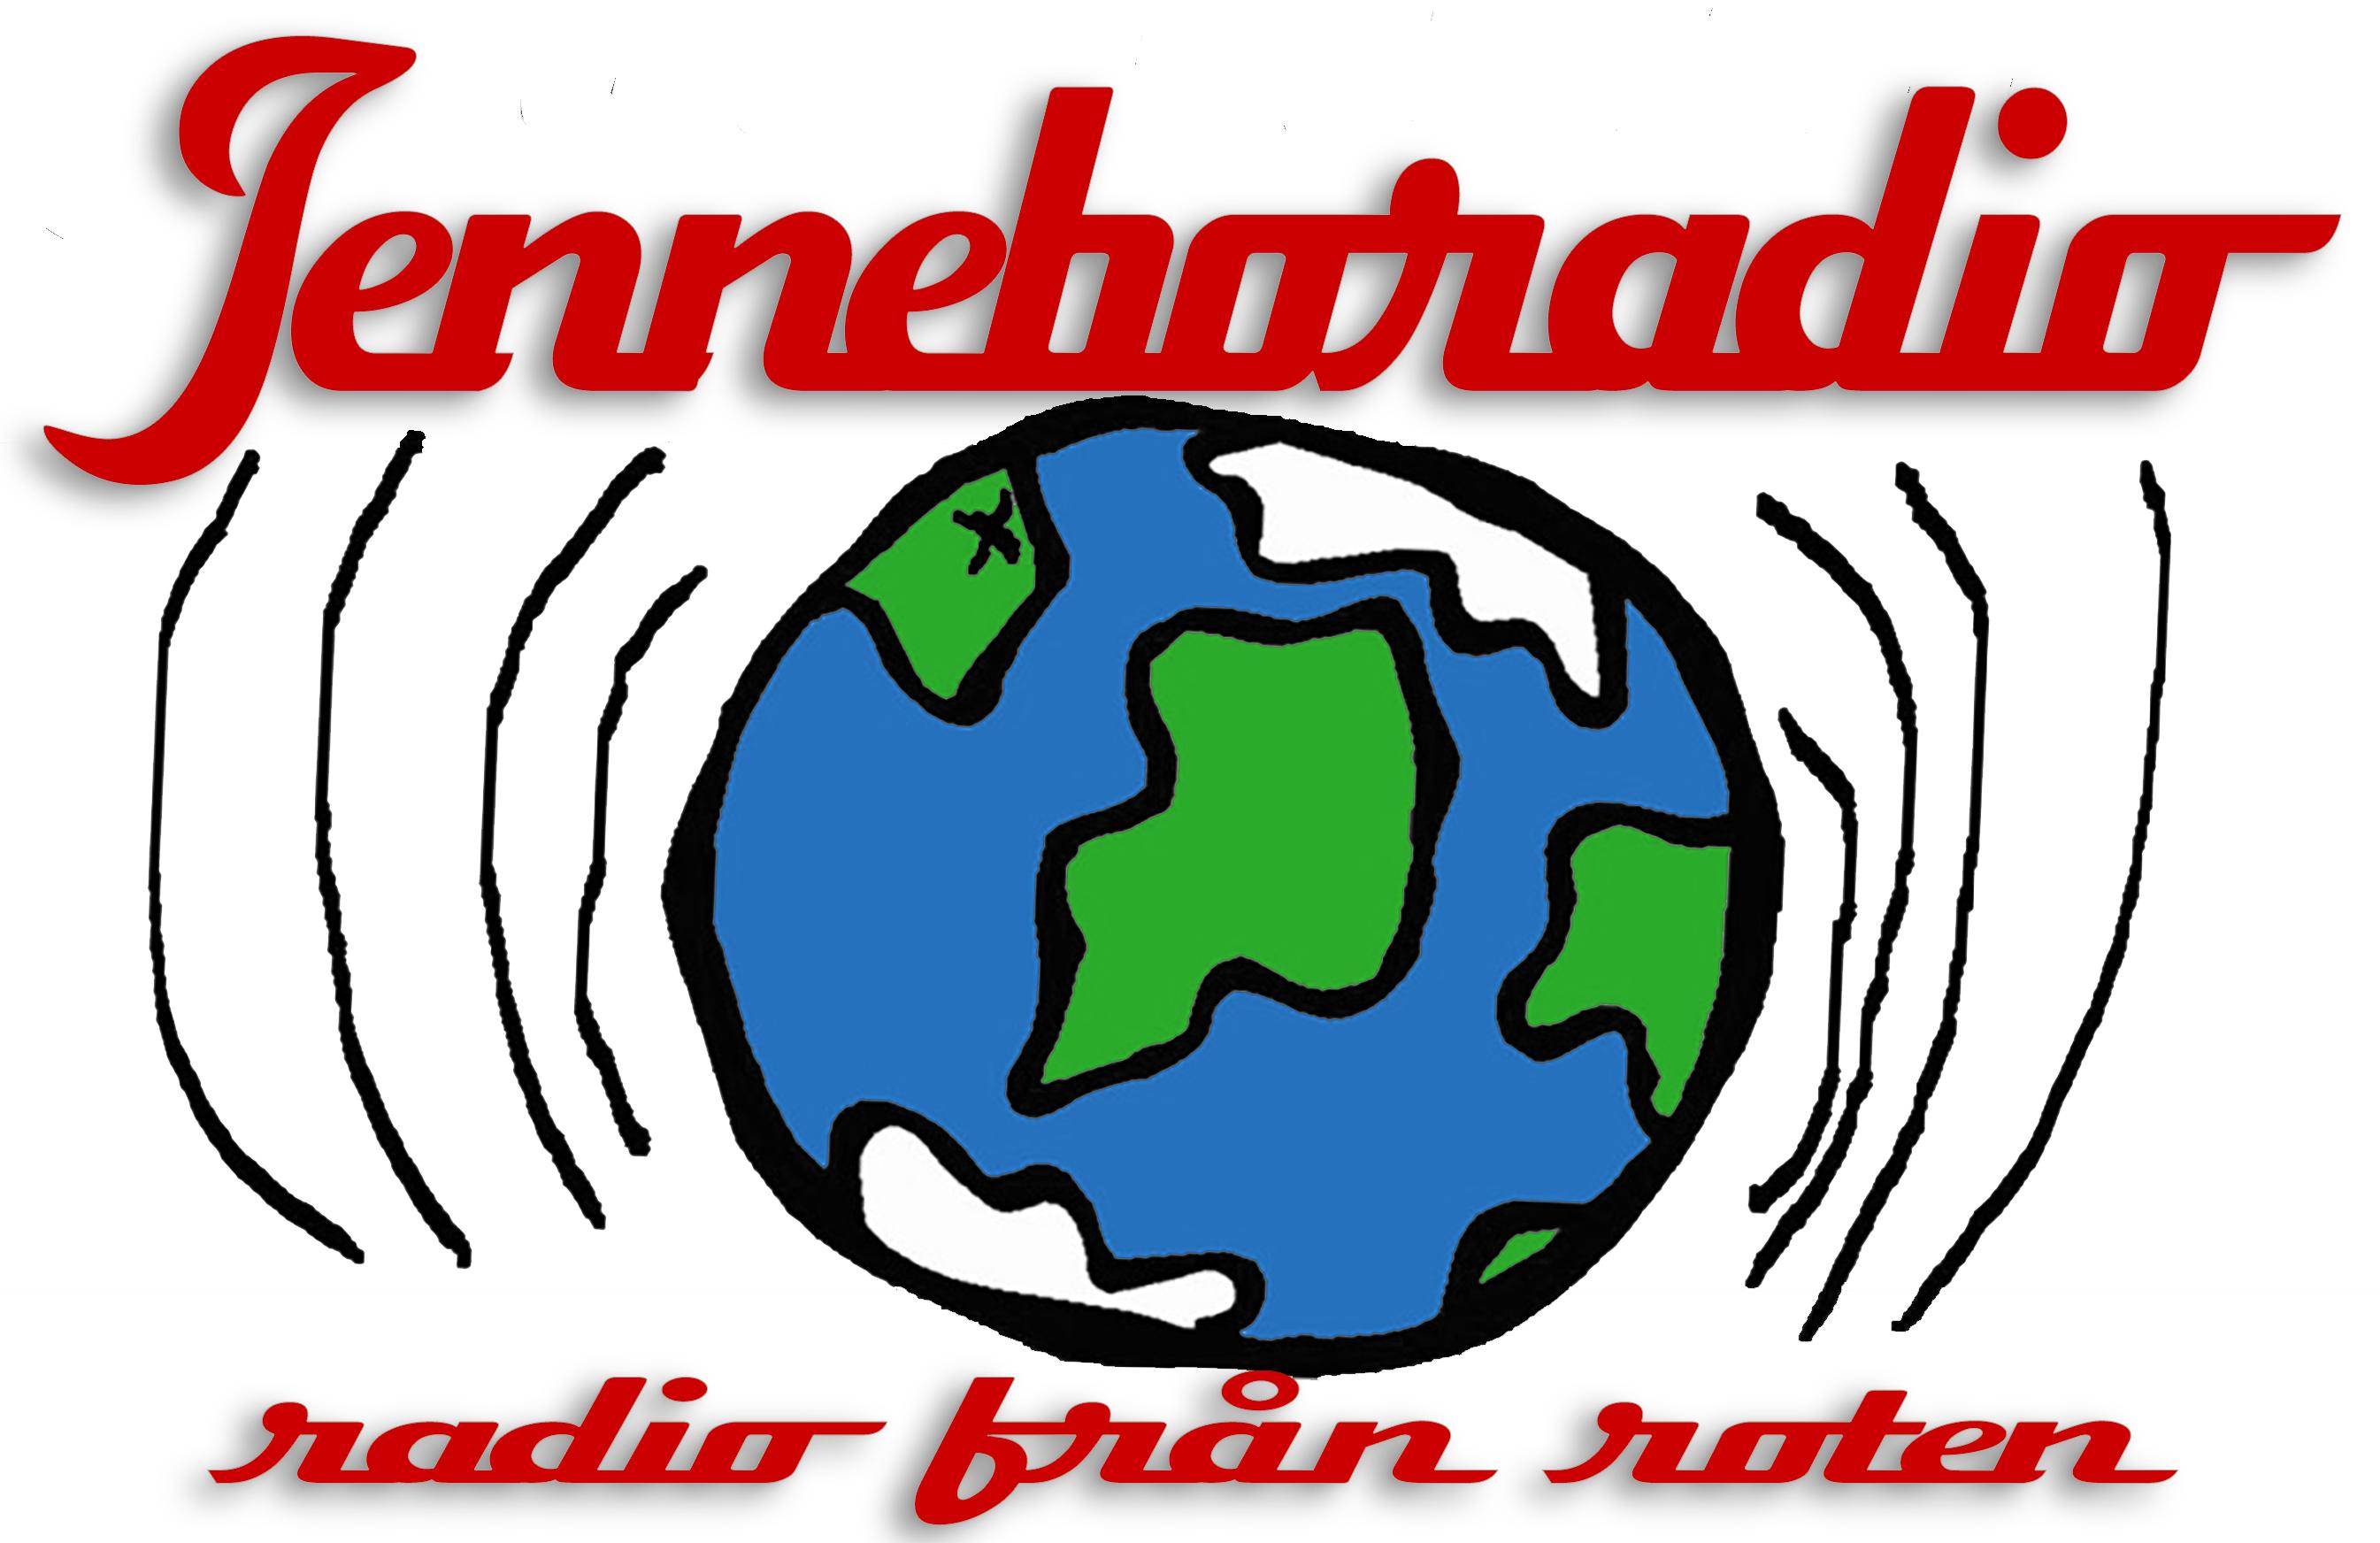 Jenneboradio Radiostationen som sänder från roten